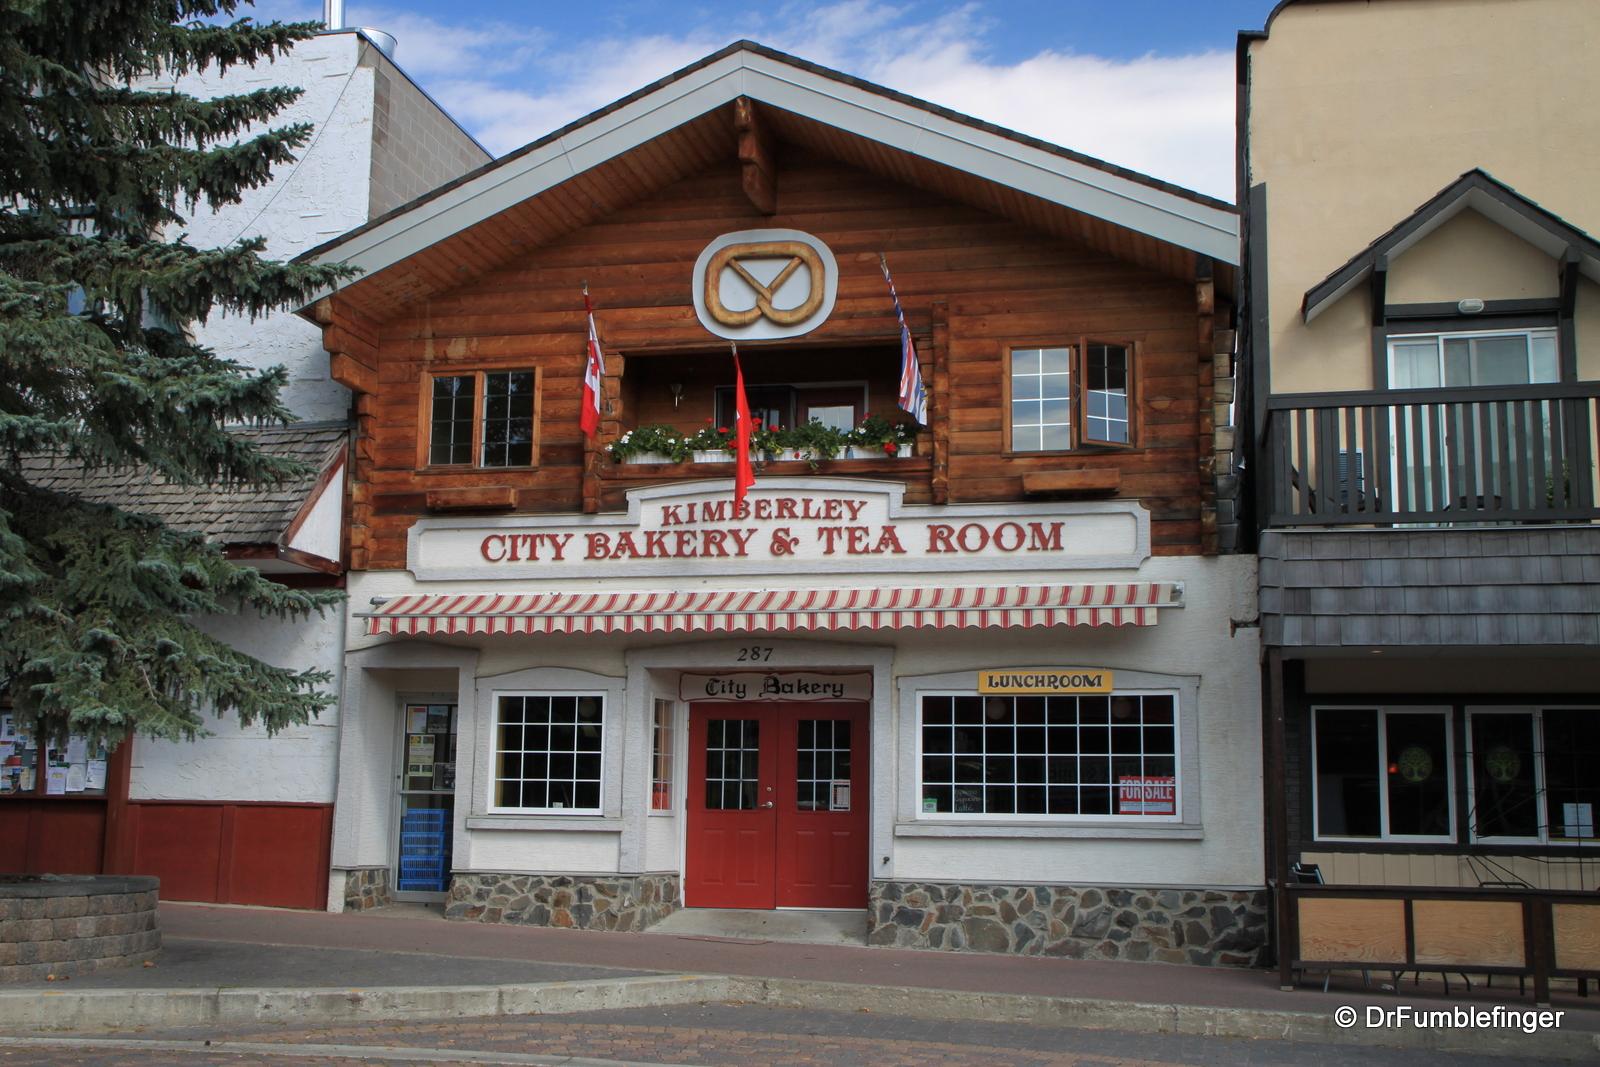 Kimberley's City Bakery